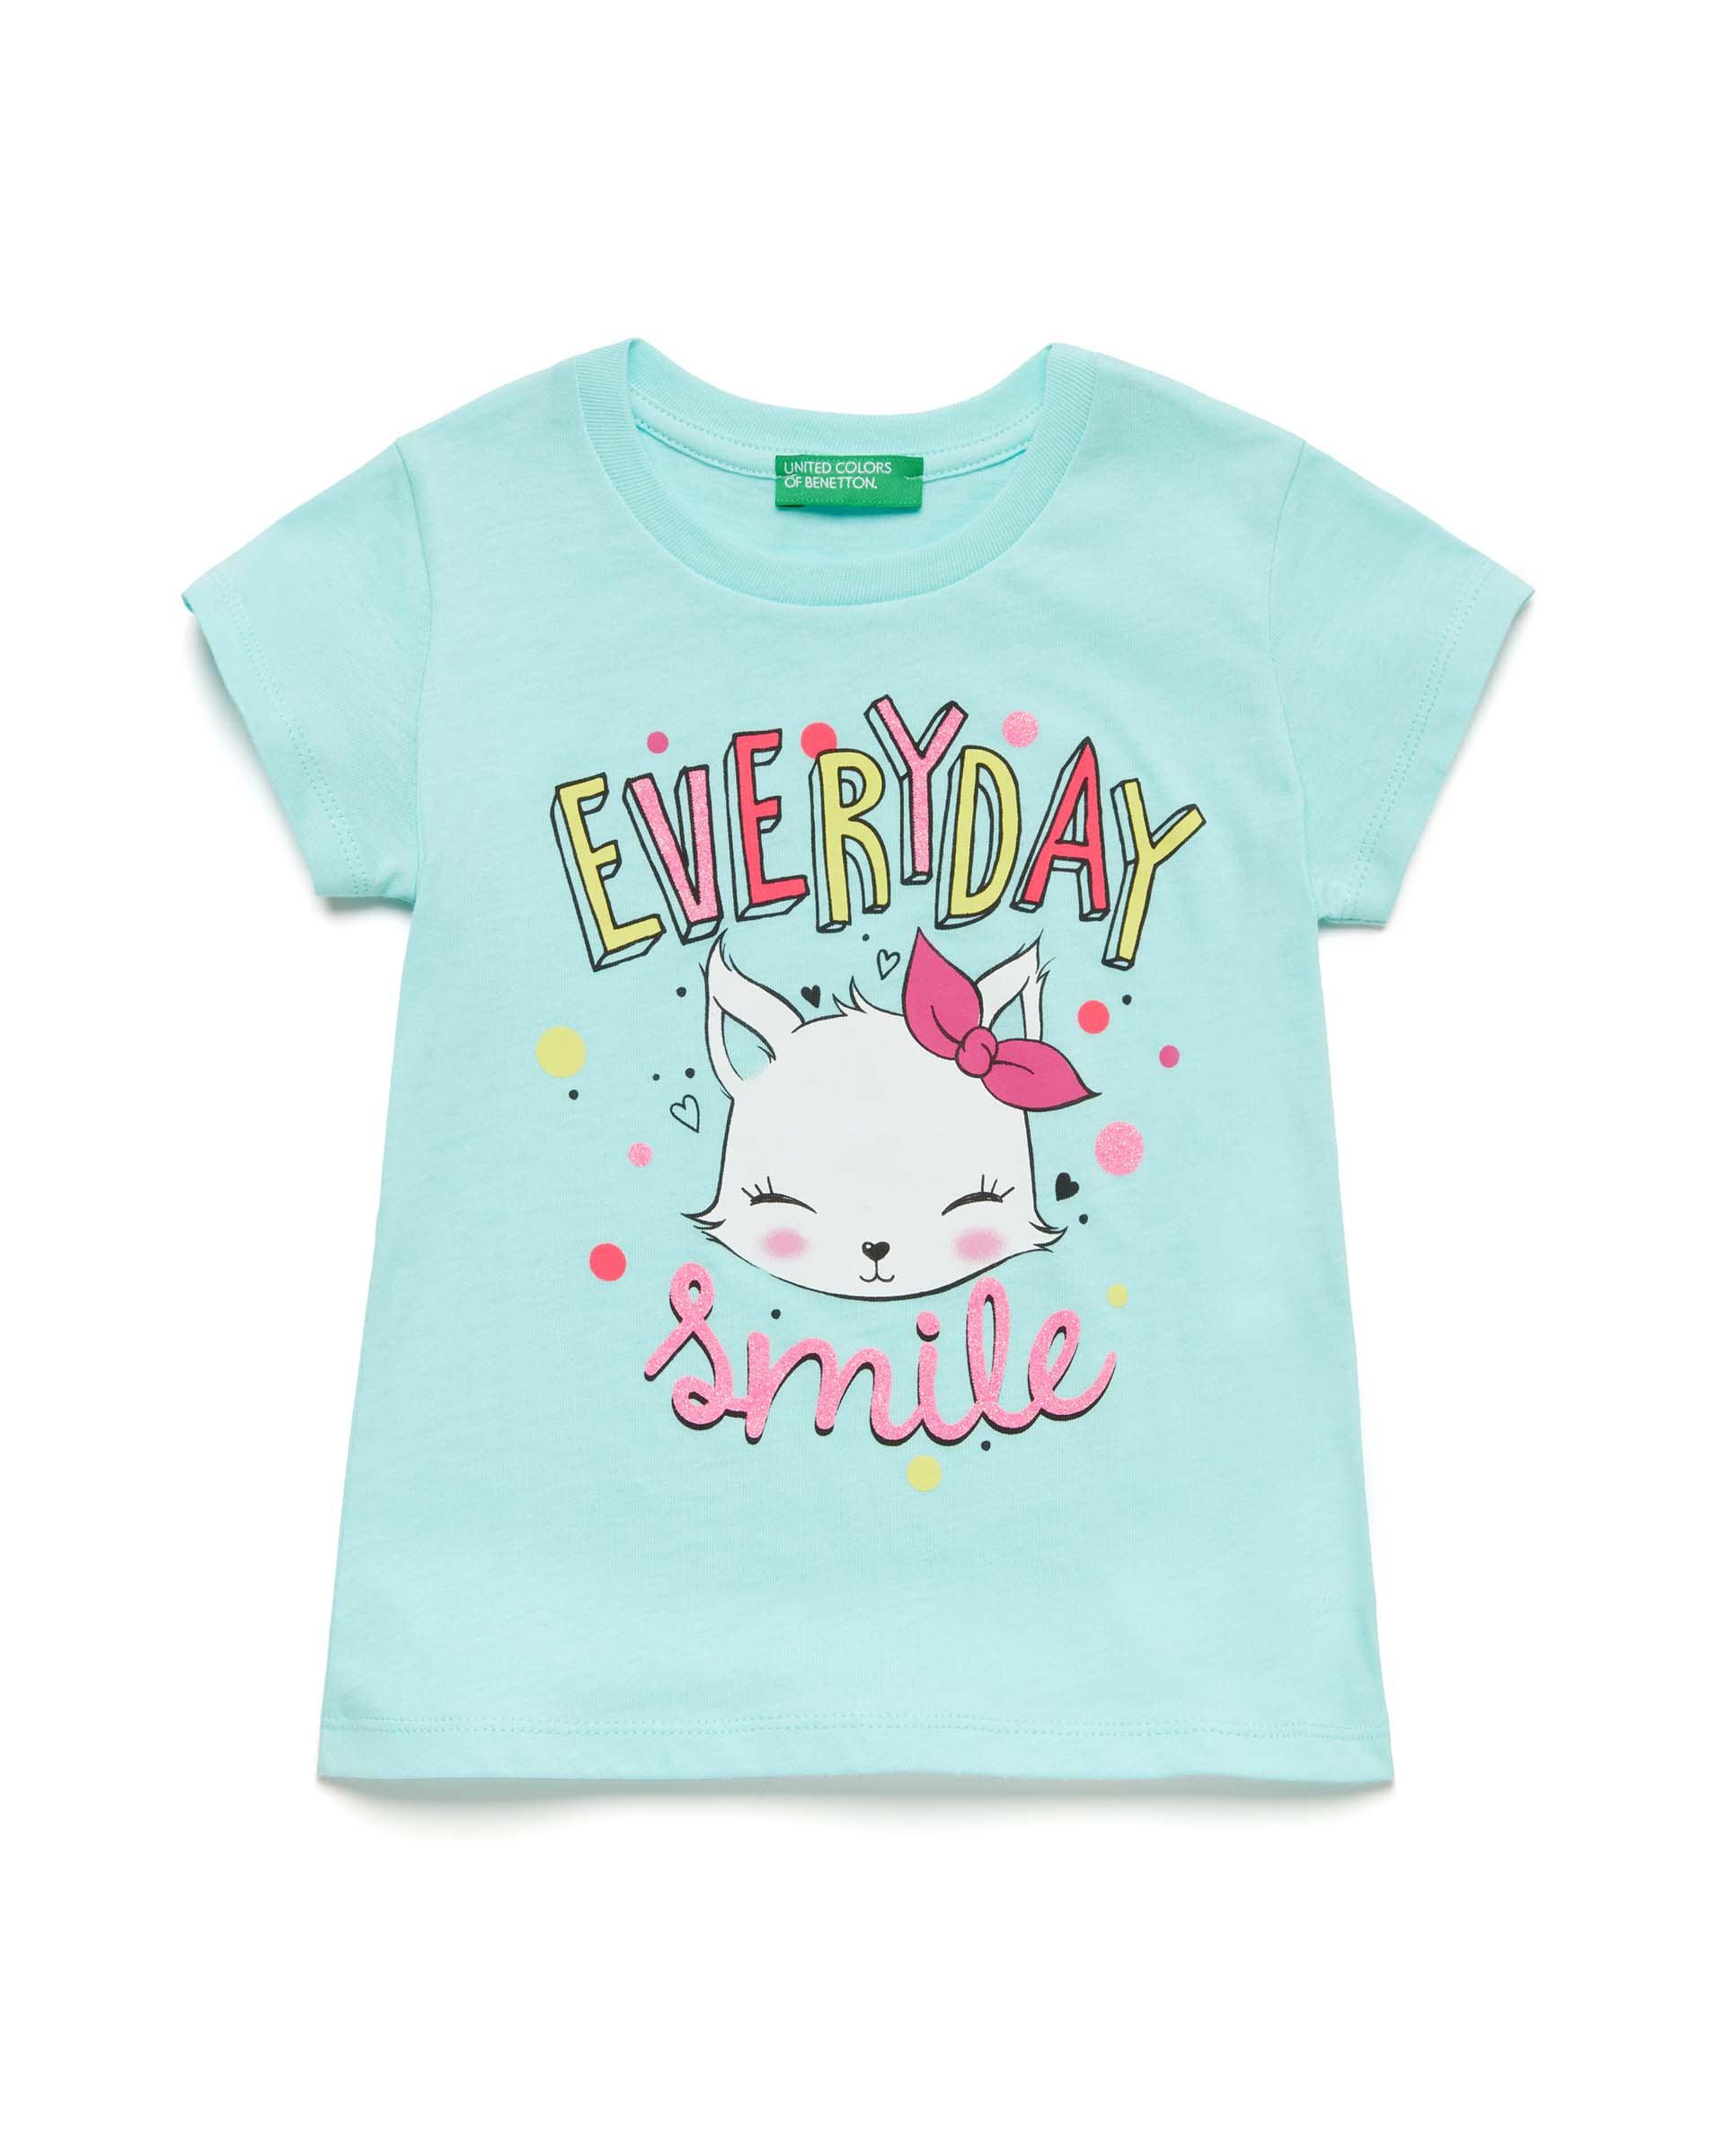 Купить 20P_3096C1BAP_0Z8, Футболка для девочек Benetton 3096C1BAP_0Z8 р-р 80, United Colors of Benetton, Кофточки, футболки для новорожденных